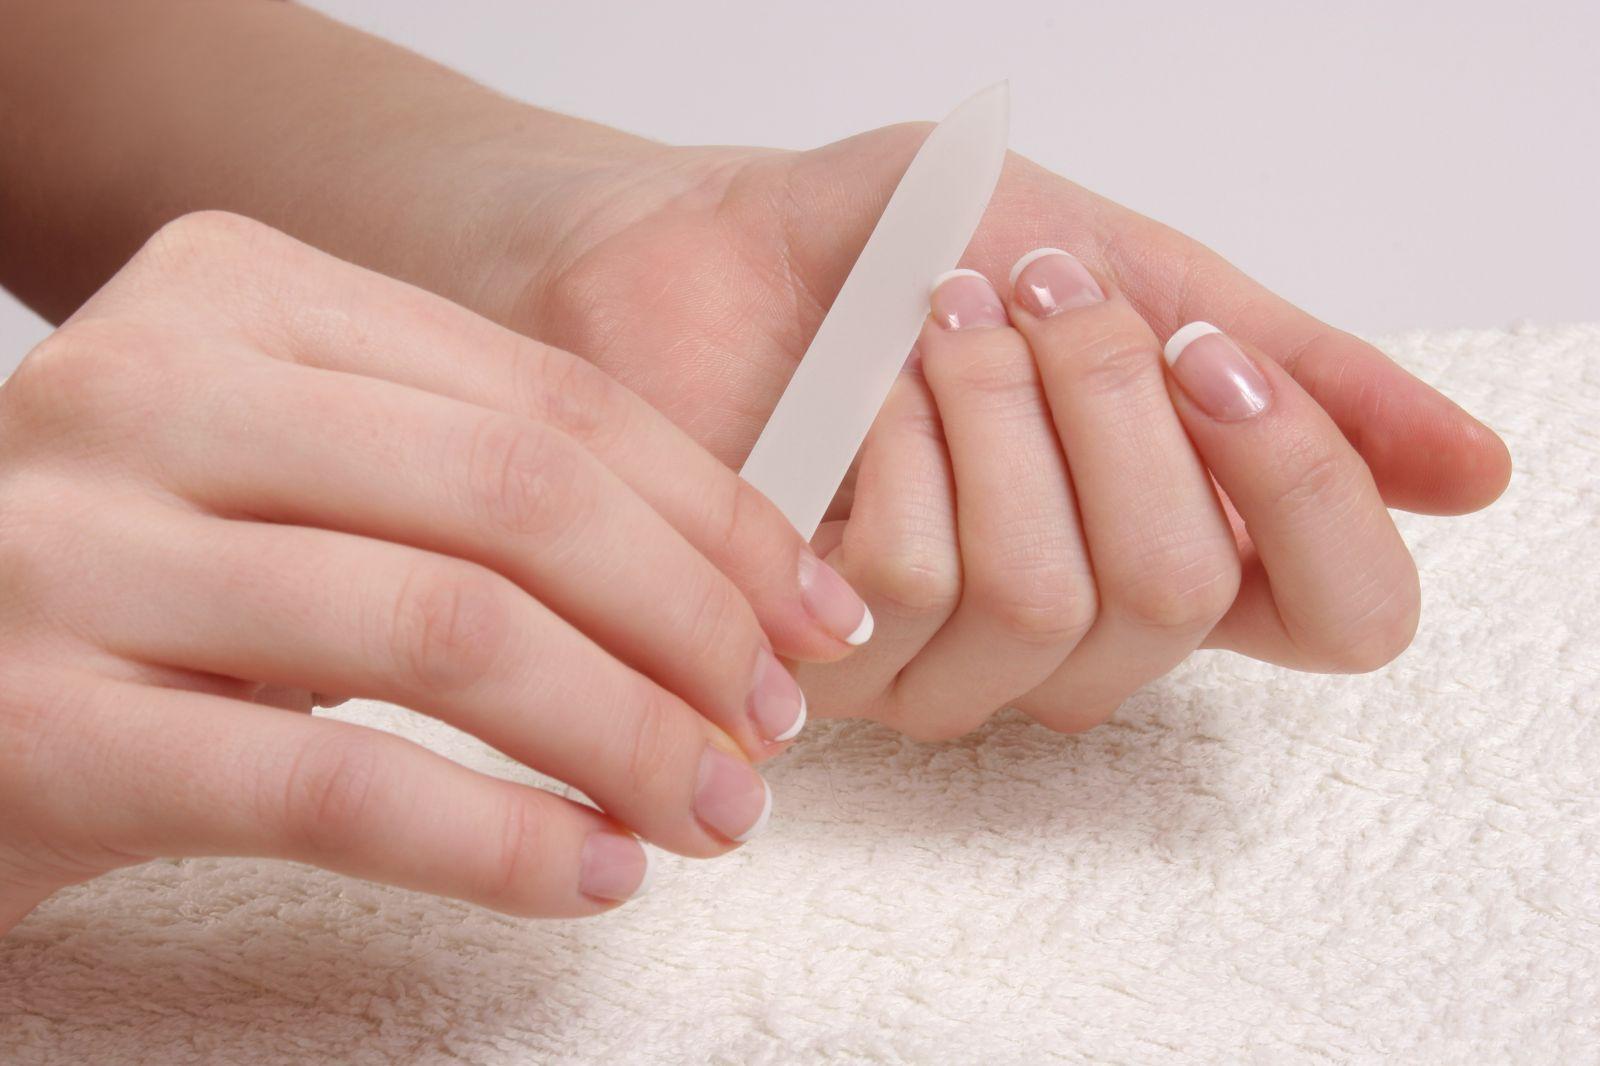 Неправильные инструменты и техника спиливания могут привести к слоящимся ногтям